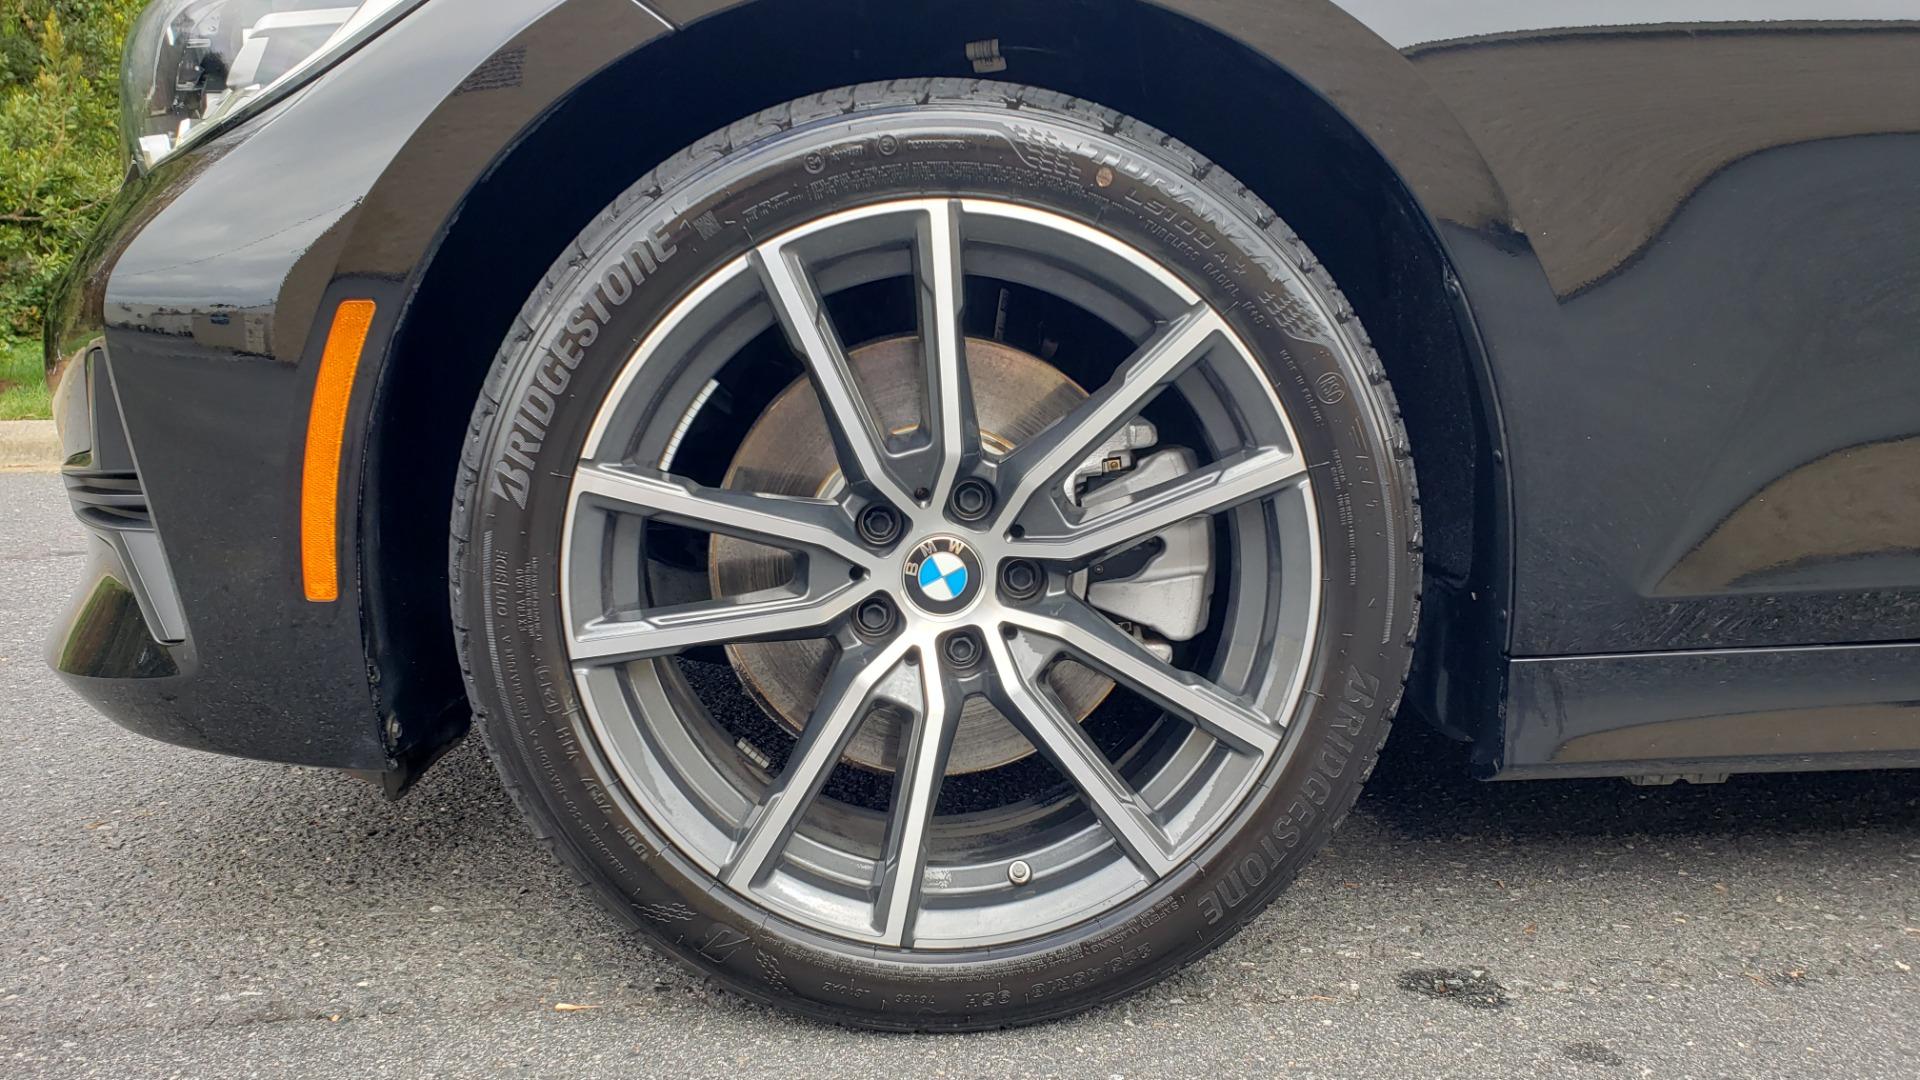 Used 2019 BMW 3 SERIES 330I PREM PKG / NAV / CONV PKG / H&K SND / LIVE COCKPIT PRO for sale Sold at Formula Imports in Charlotte NC 28227 83